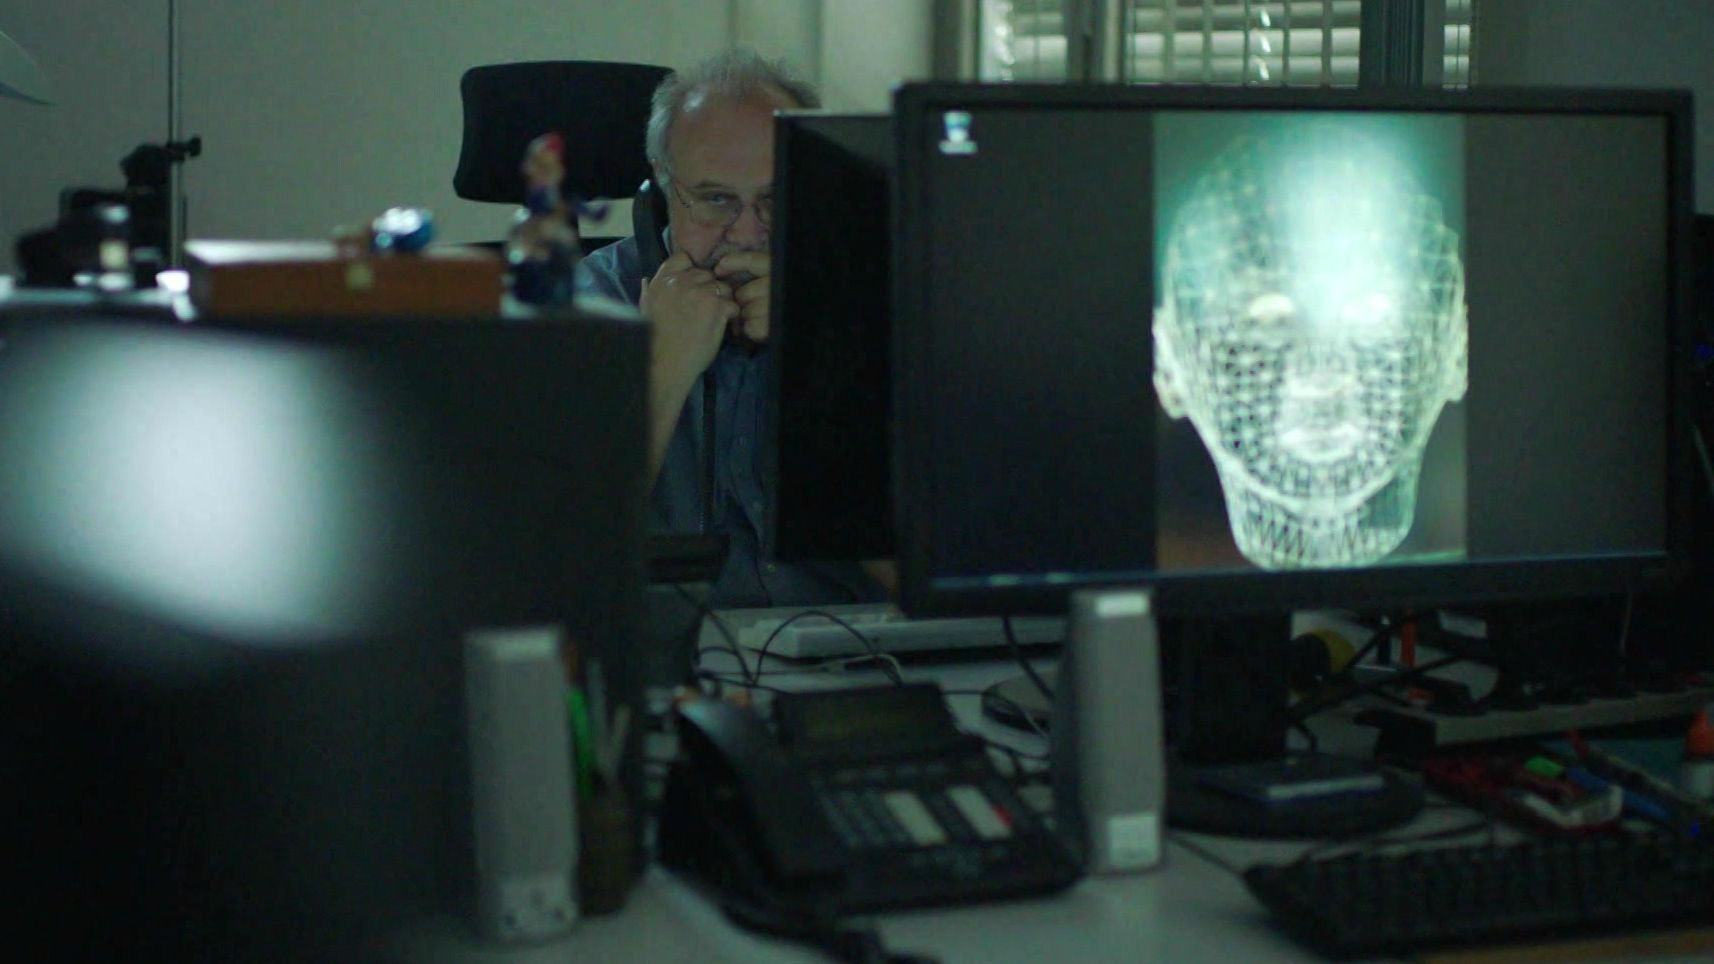 Ermittlungen gegen Cybercrime in Bamberg